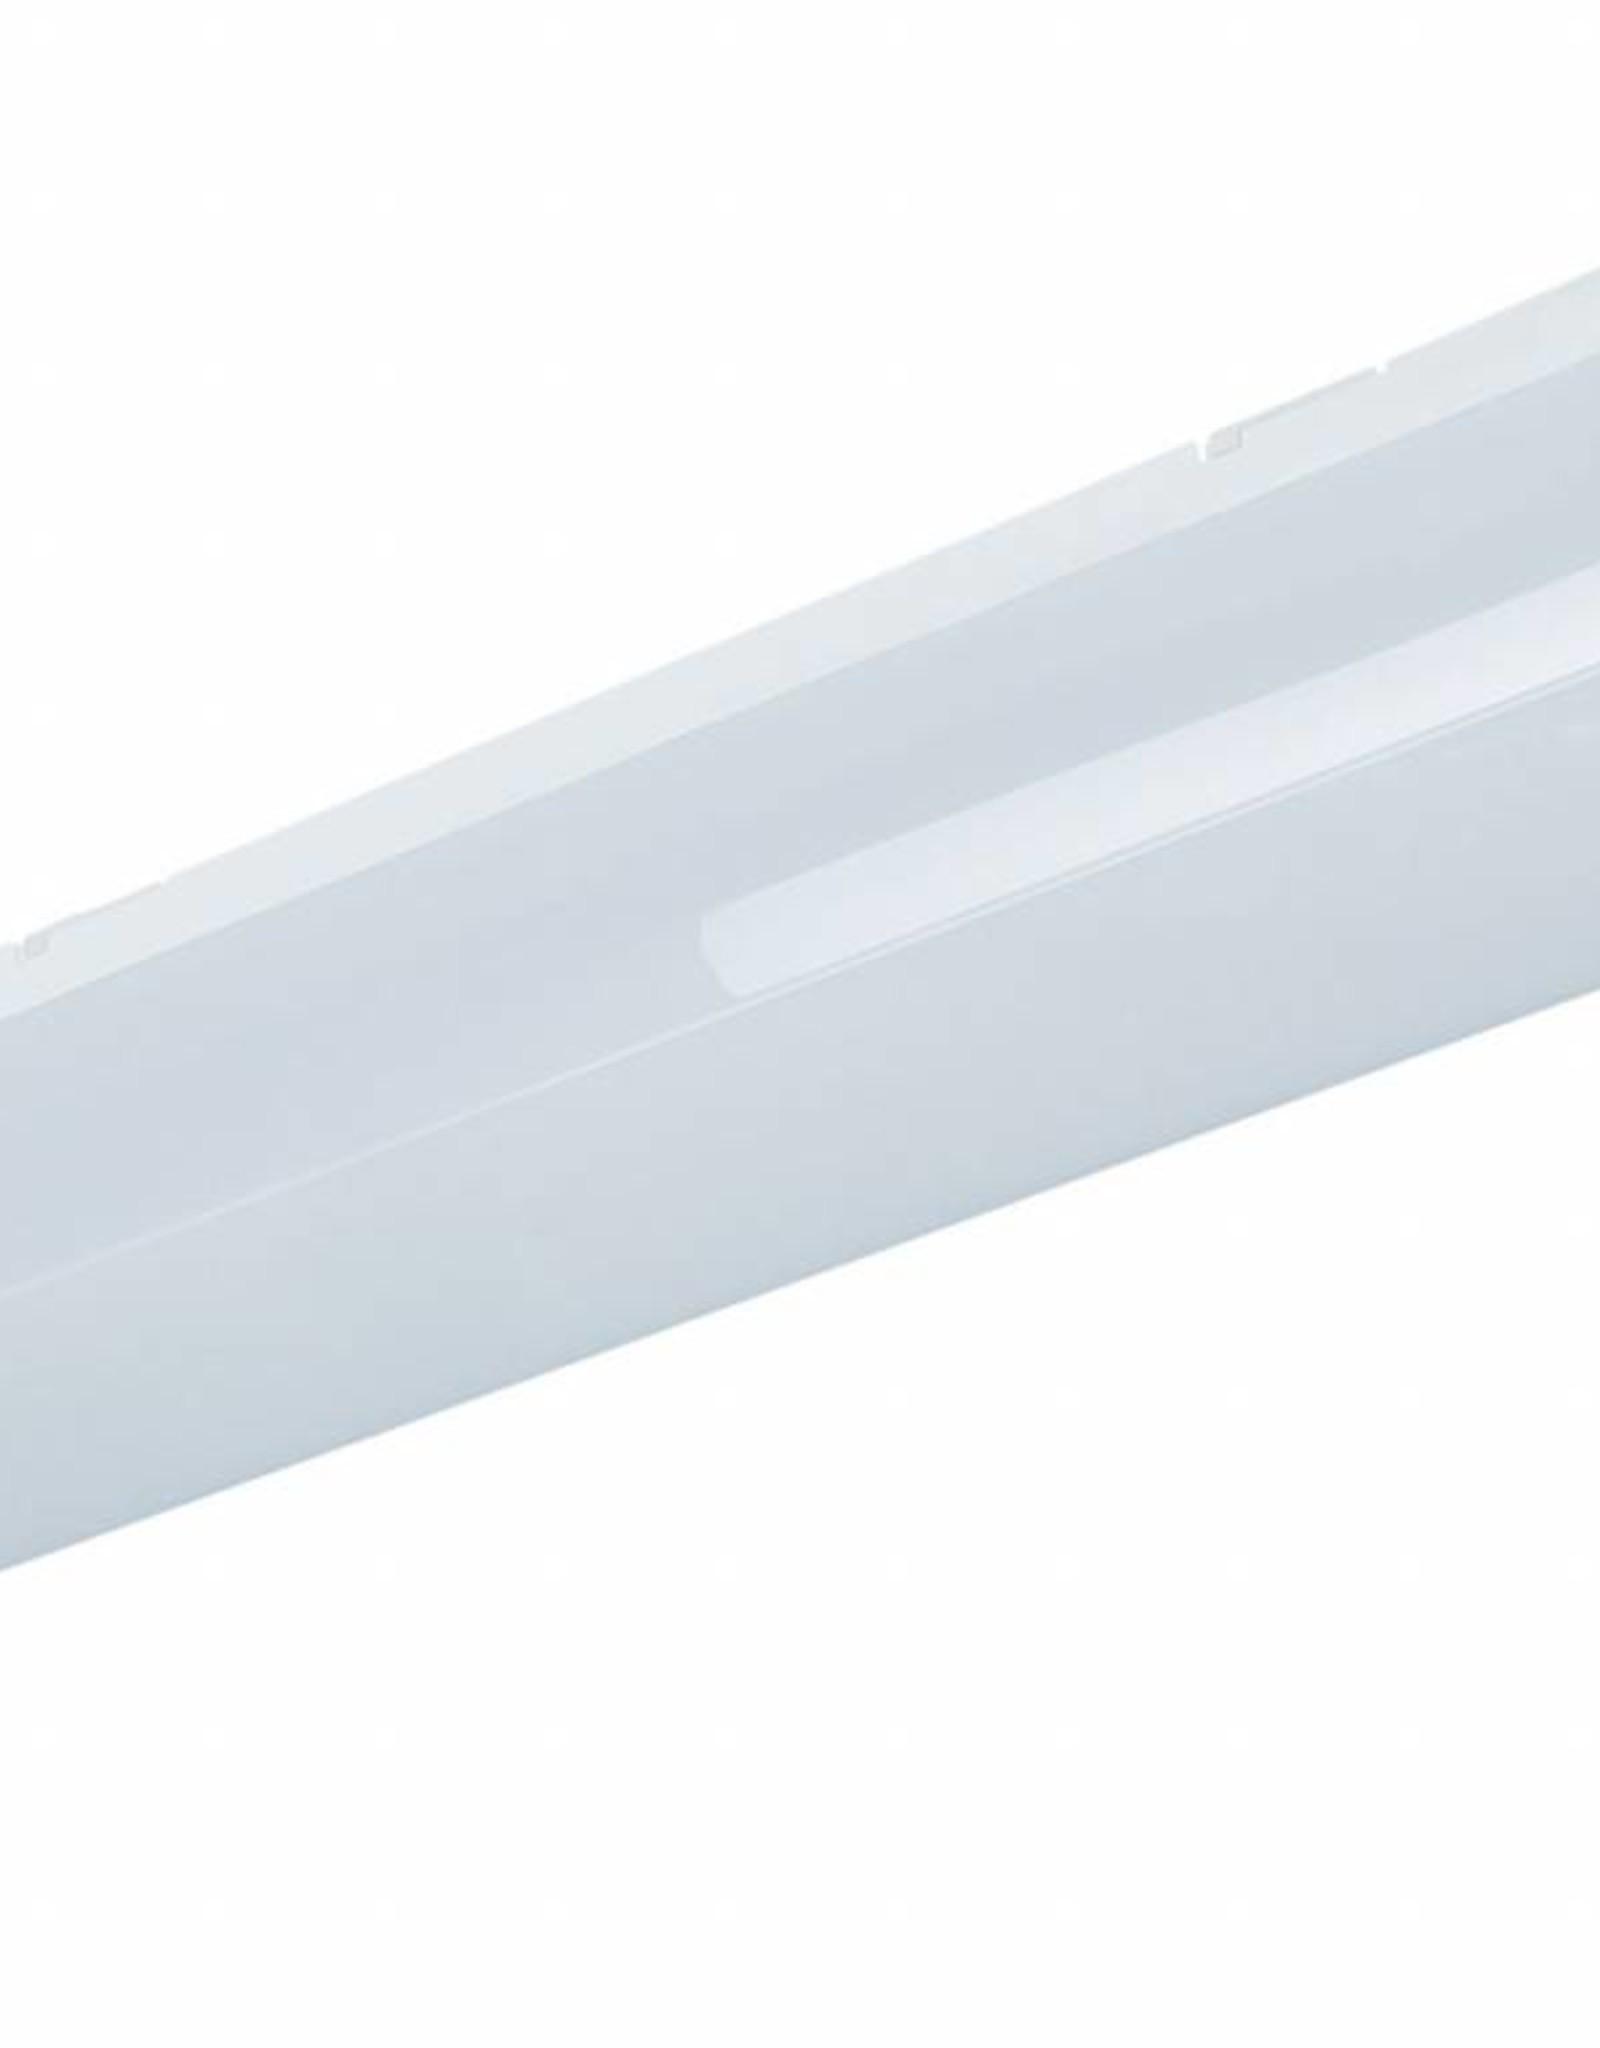 Linea 1.4ft 2600/840